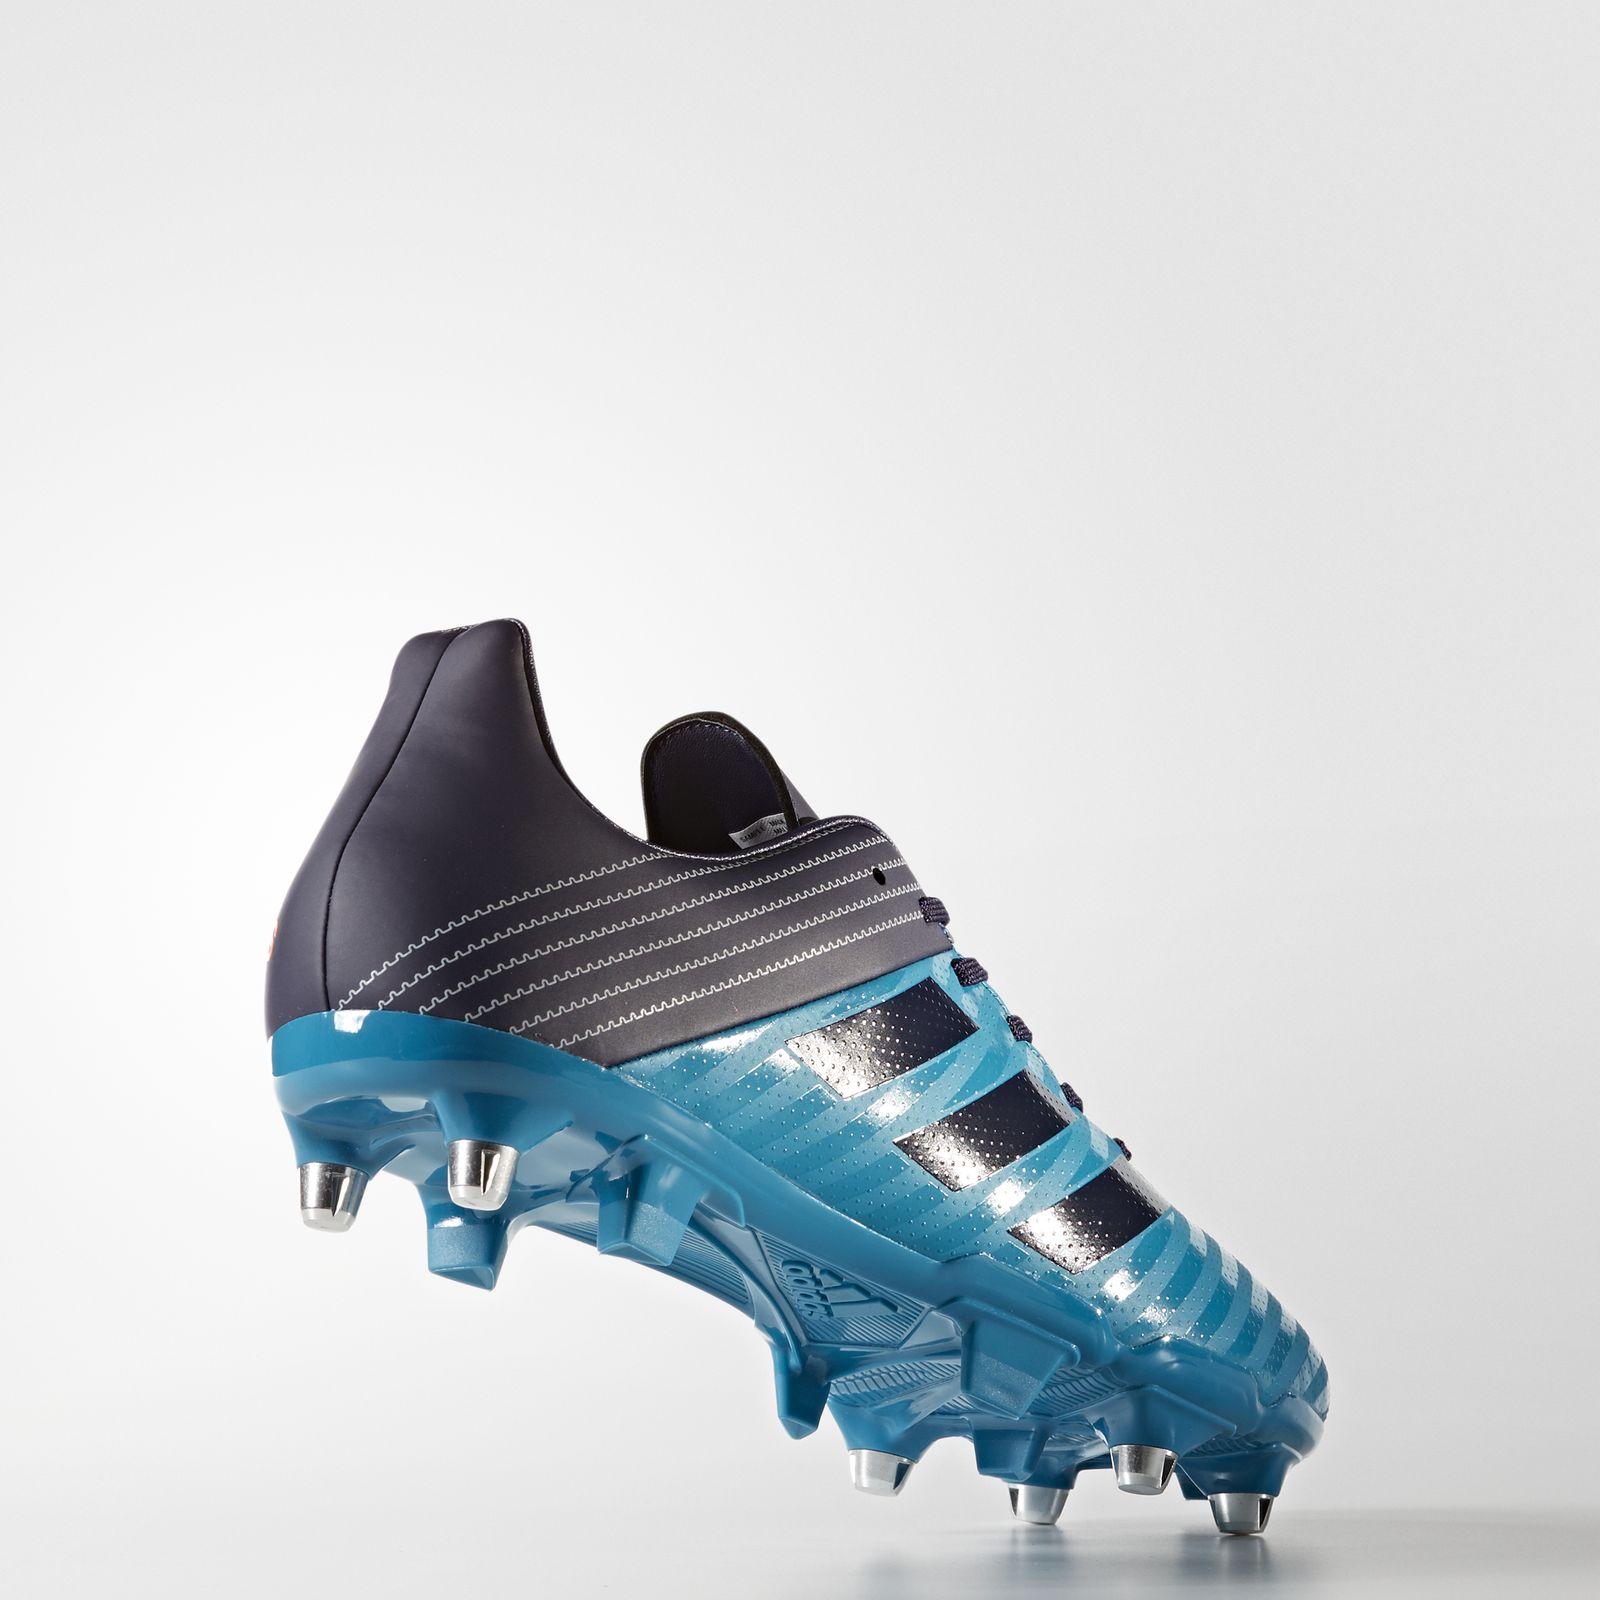 کفش فوتبال مردانه آدیداس مدل Malice SG BY2006 -  - 4